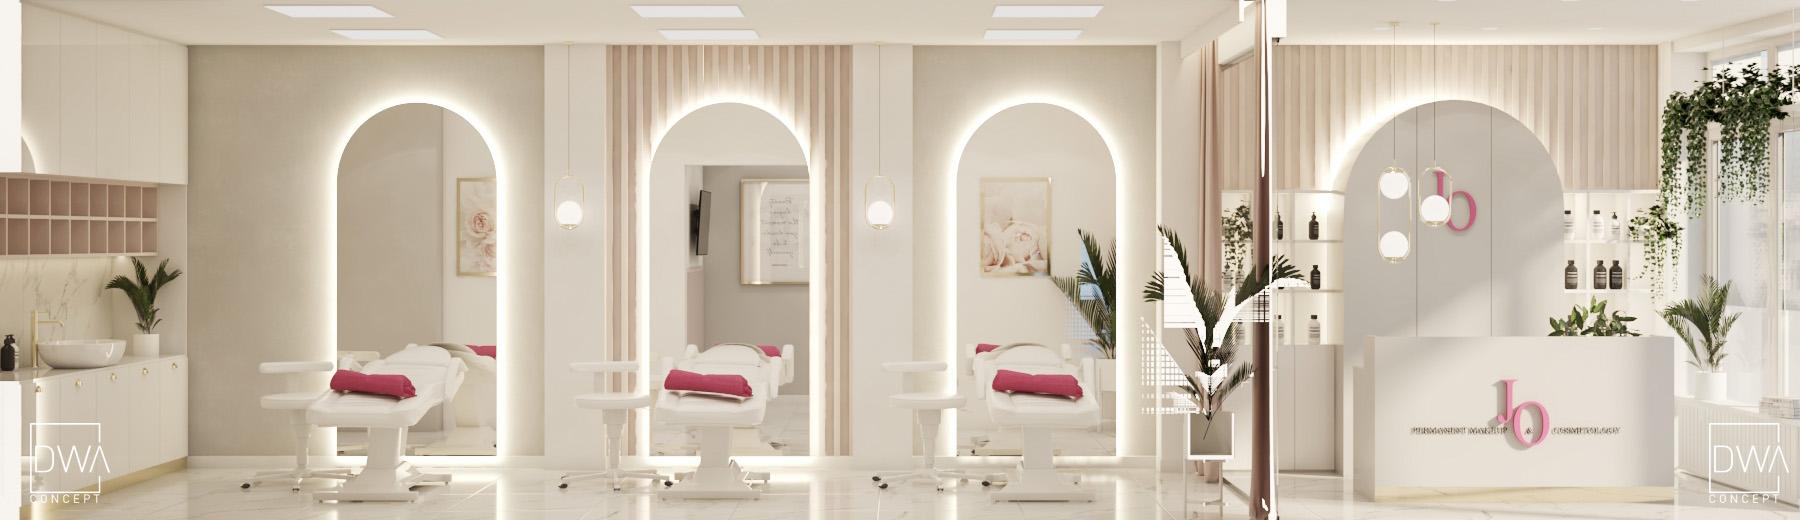 salon kosmetyczny projekt architekt wnętrz dwaconcept